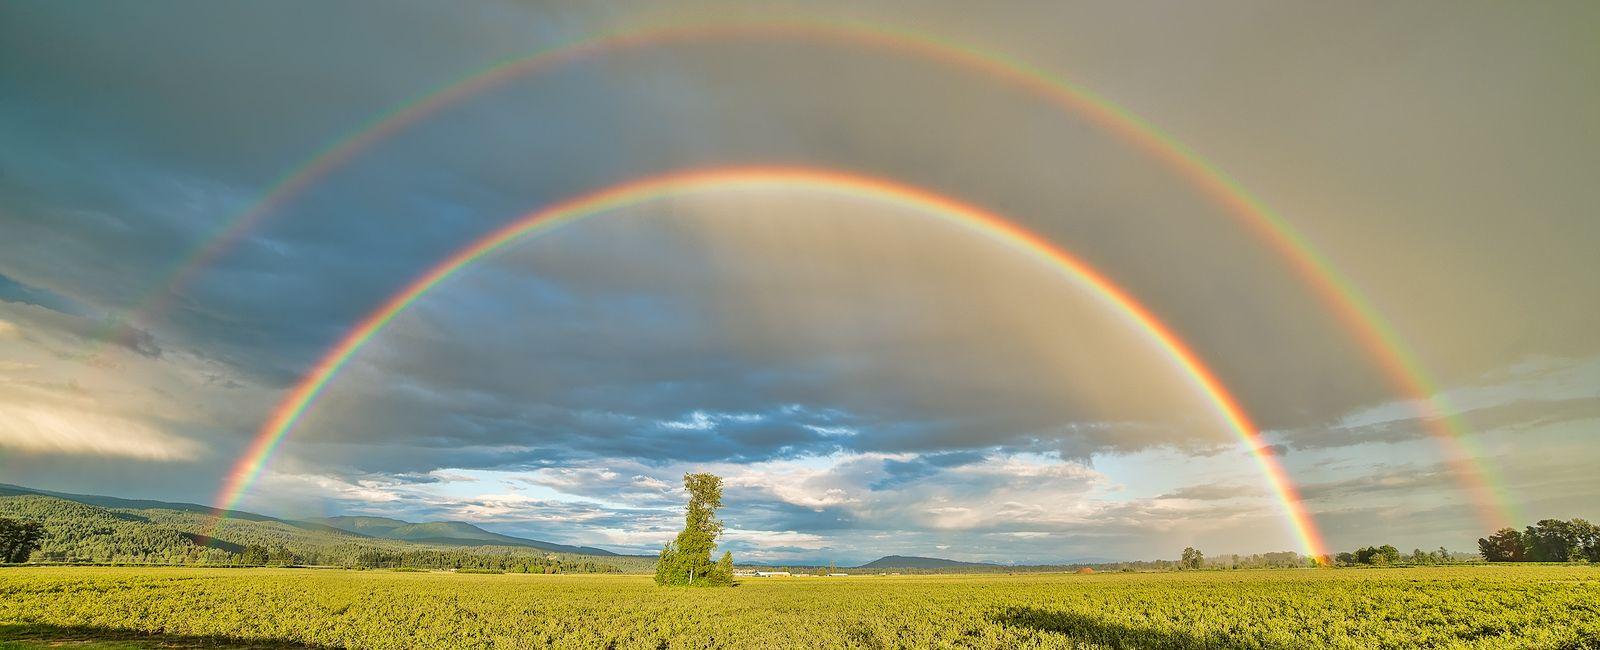 Double rainbow accross the sky